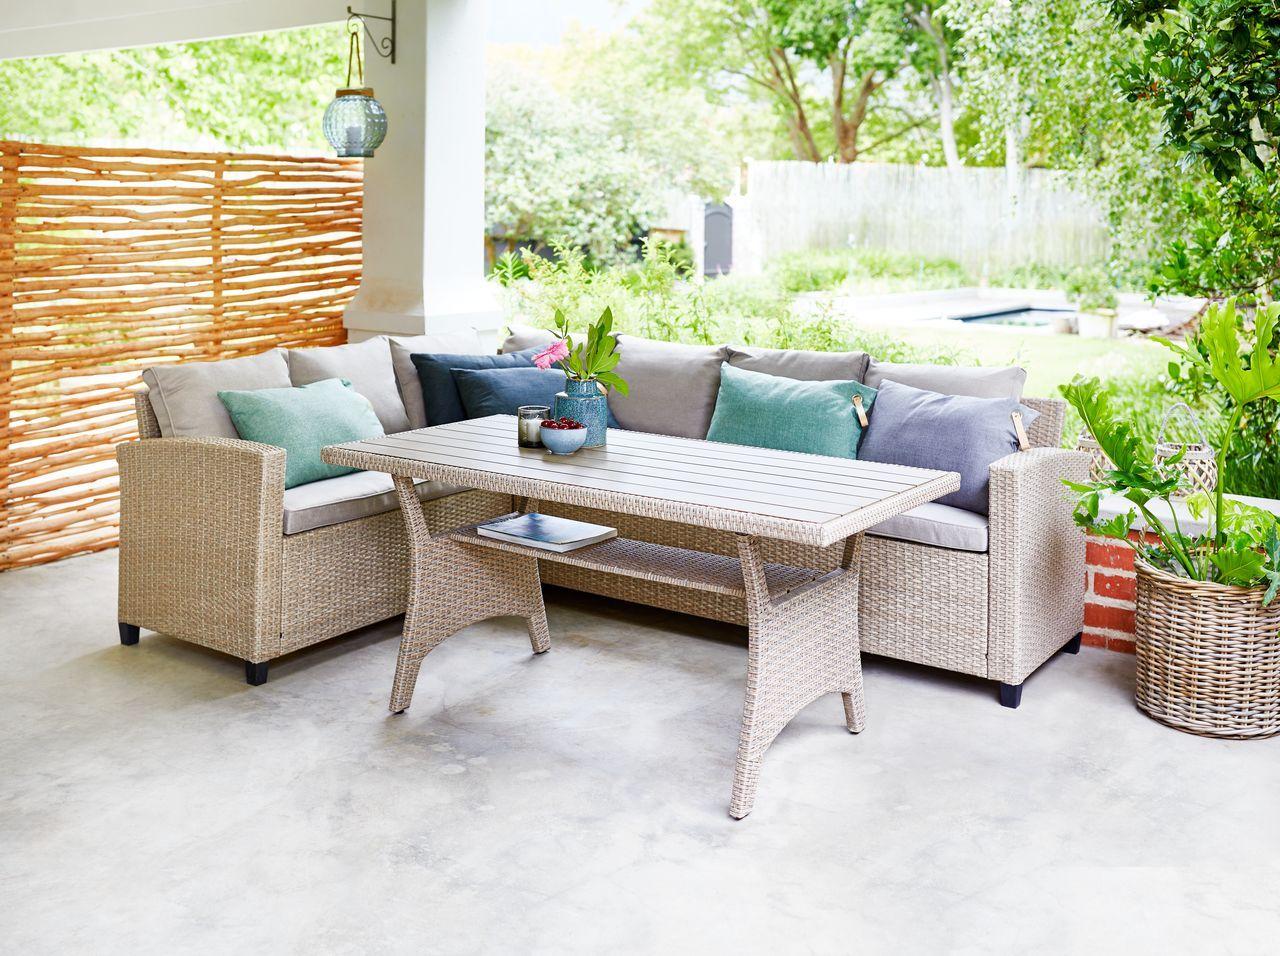 Set Epiplwn Ullehuse 6 Atomwn Fysiko Jysk Conversation Set Outdoor Furniture Sets Corner Sectional Sofa